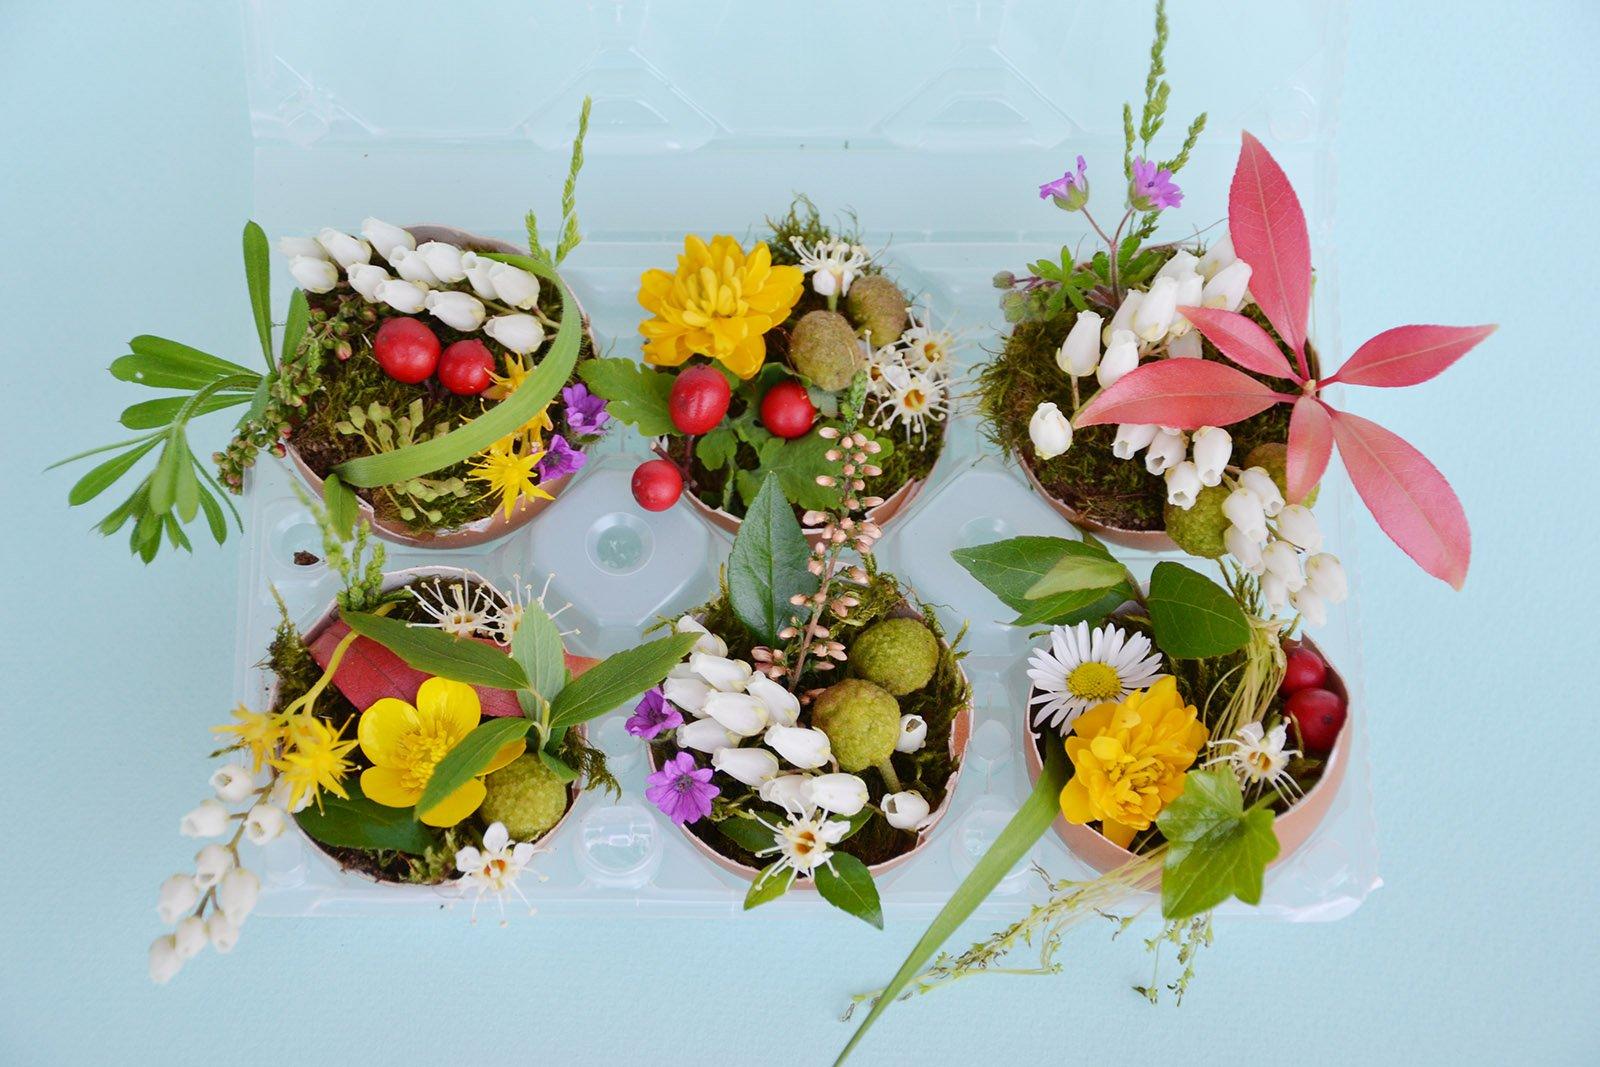 Centrotavola di pasqua mini vasi fioriti con gusci di for Centrotavola pasquali fai da te